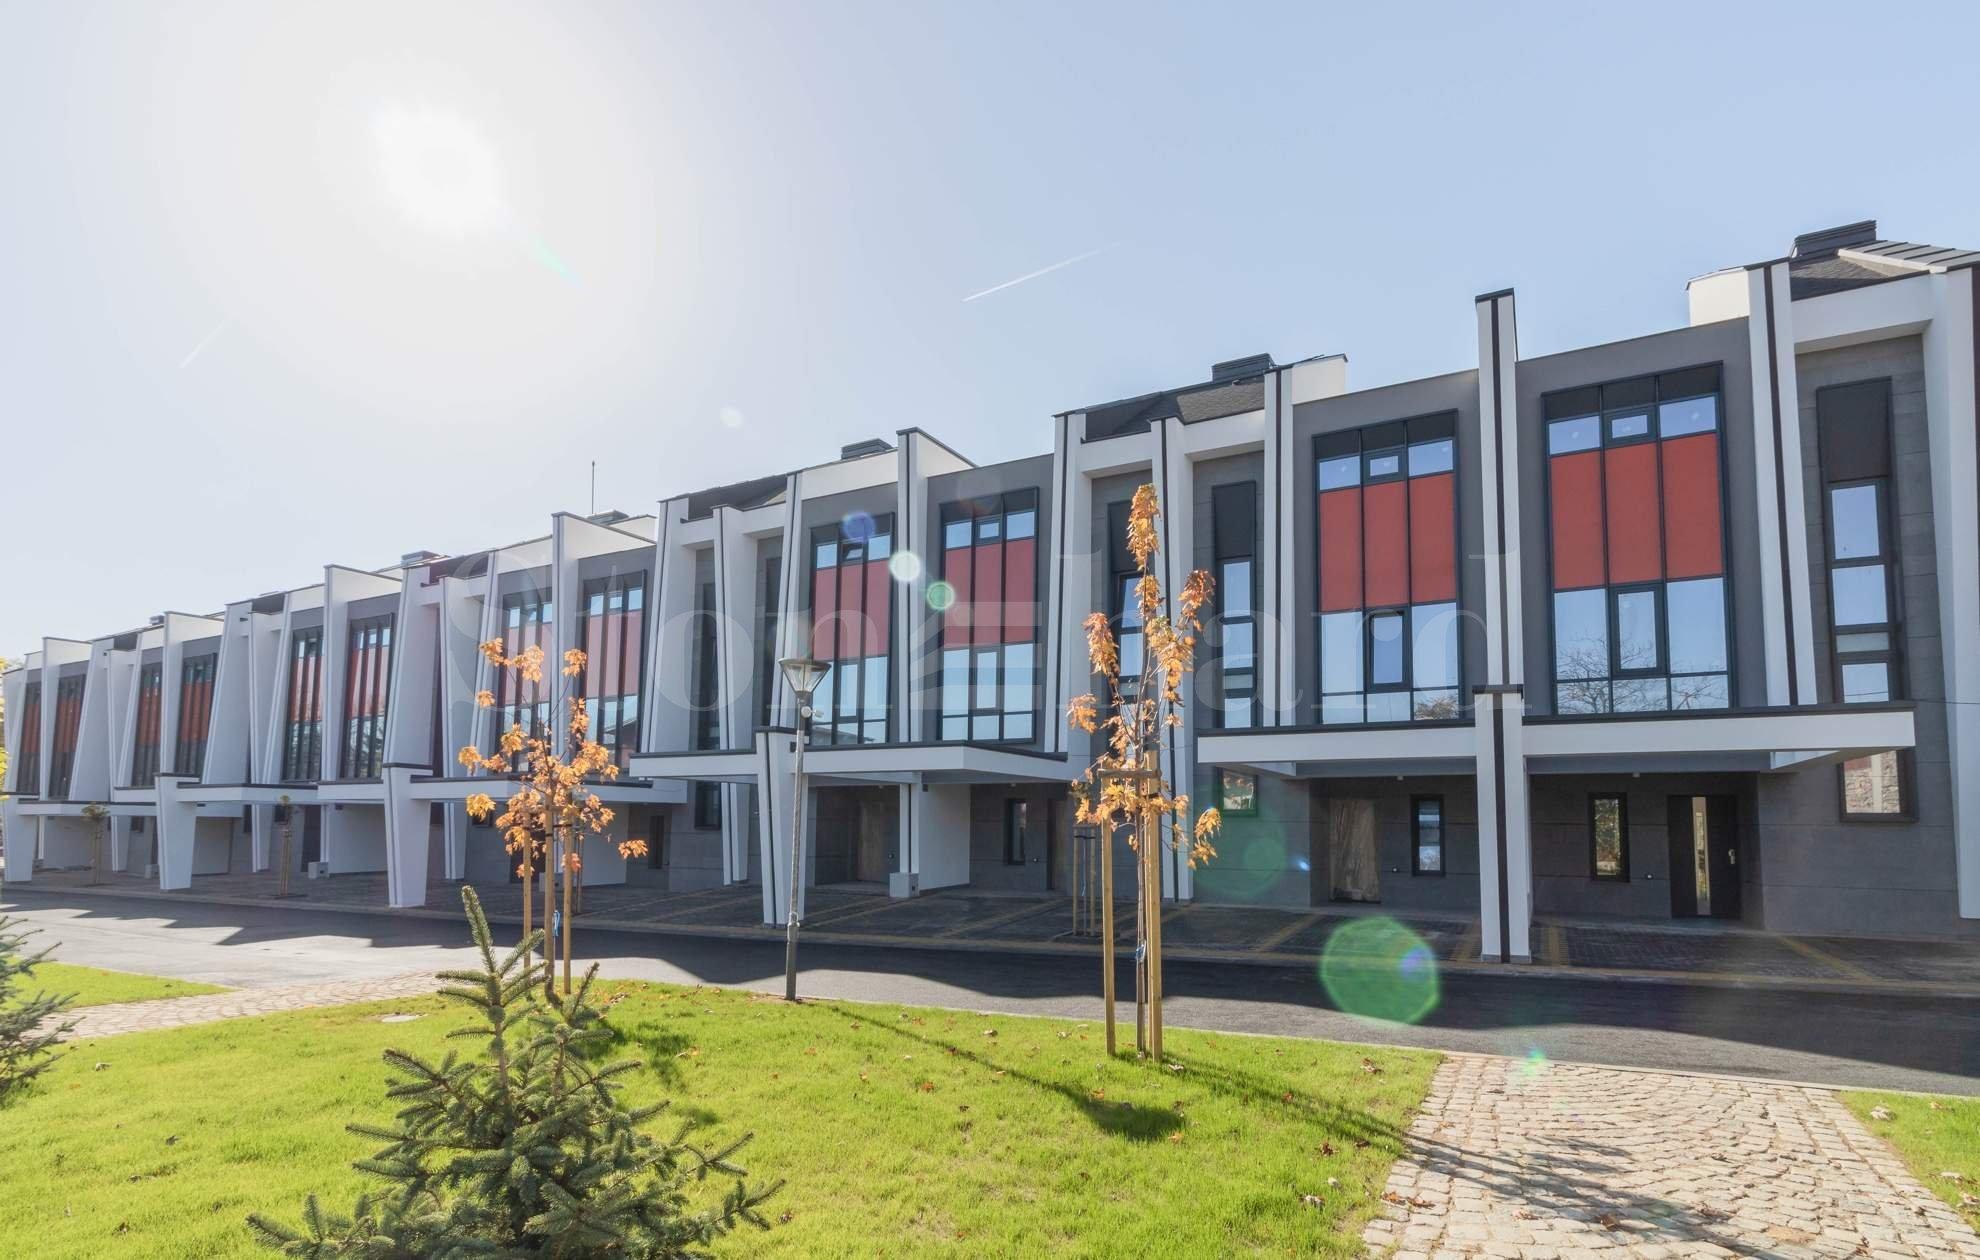 Нов комплекс от редови къщи - най-добрата среда за вашето семейство1 - Stonehard